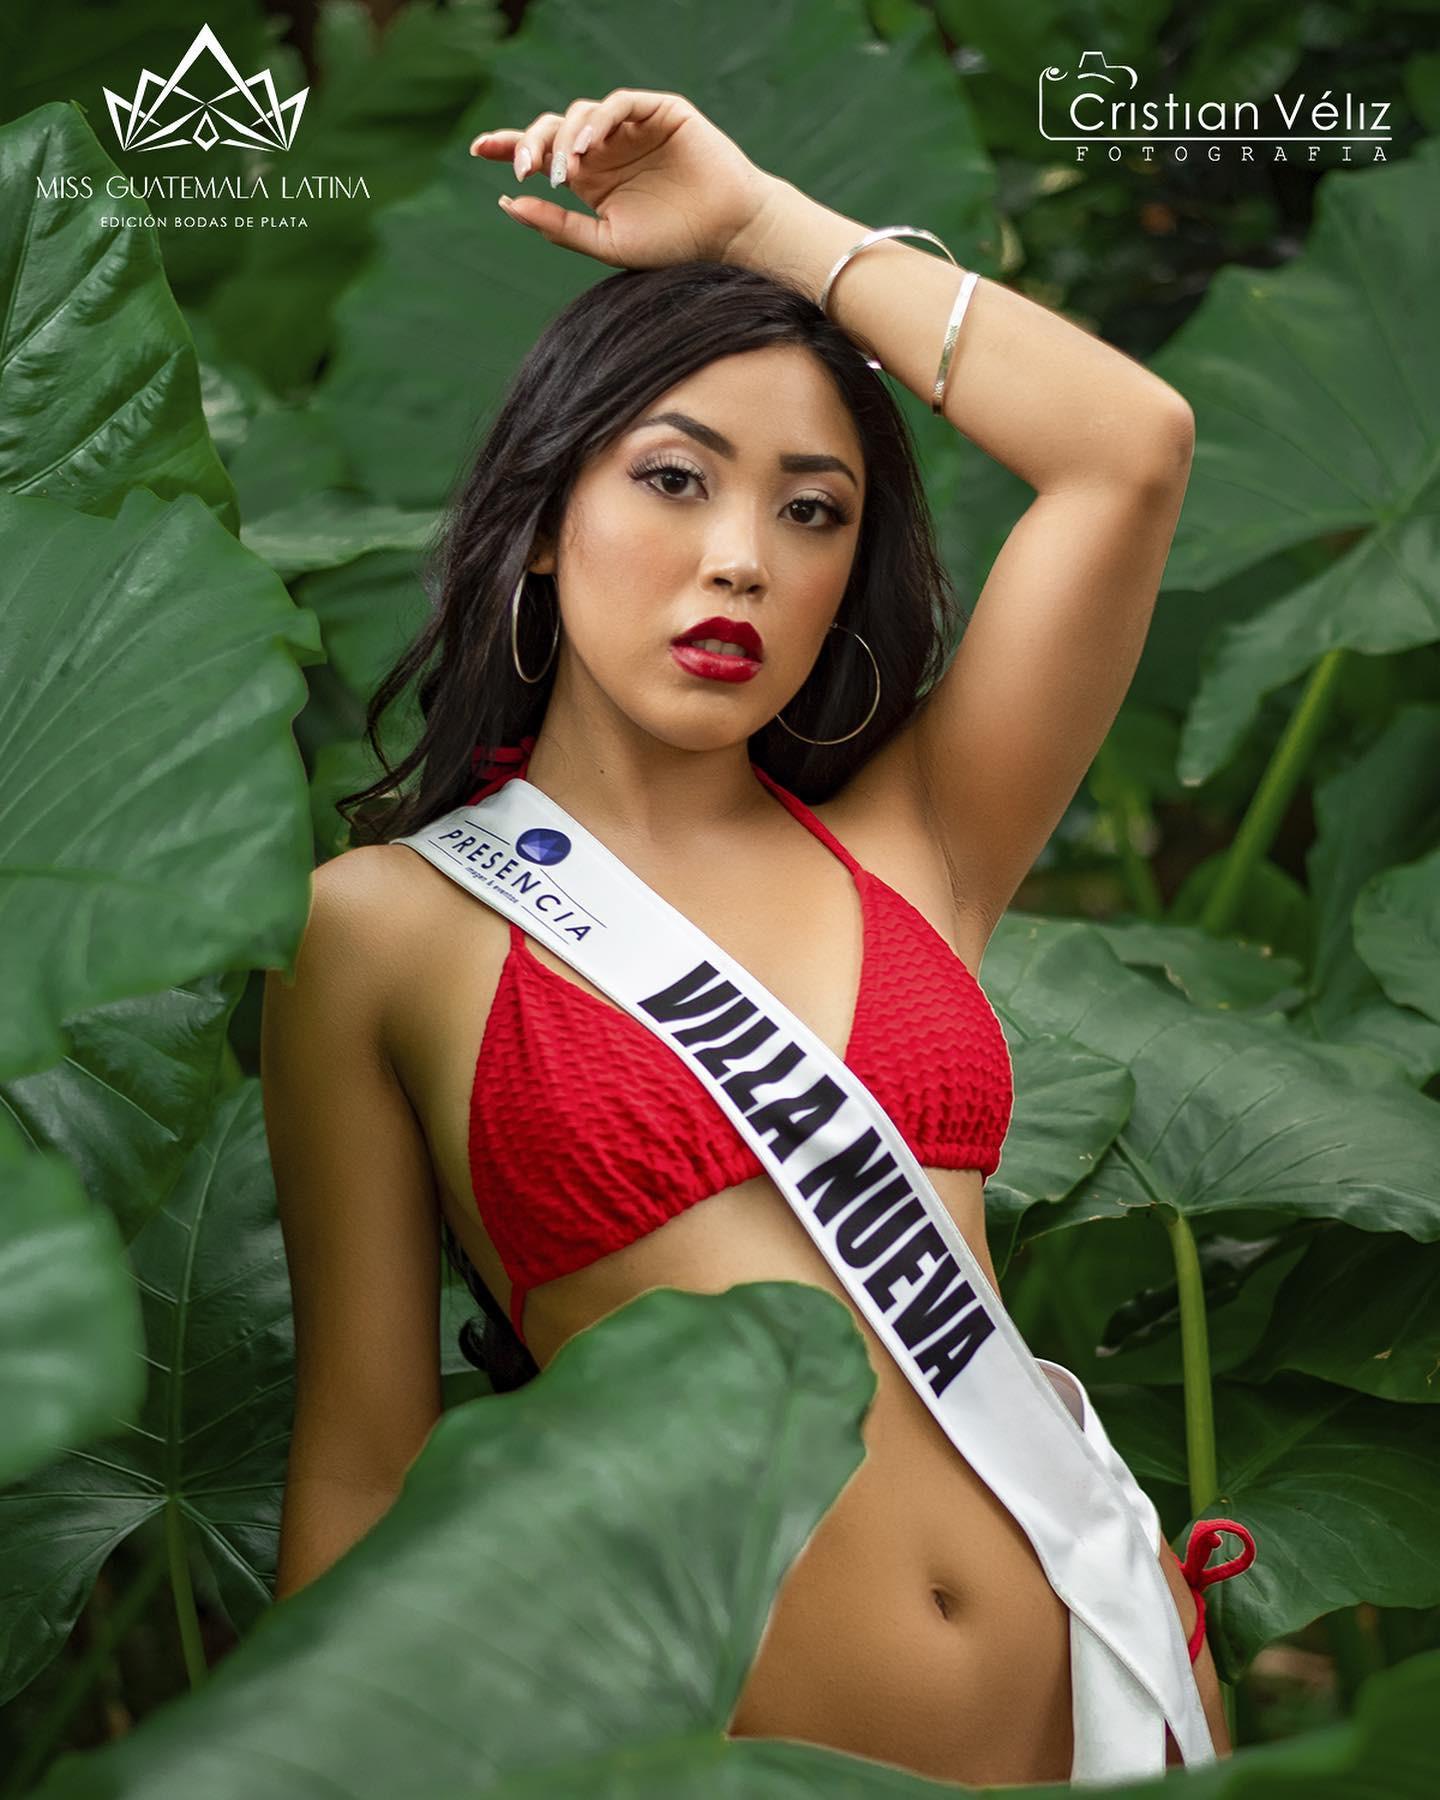 candidatas a miss guatemala latina 2021. final: 30 de abril. - Página 6 B3AtaI